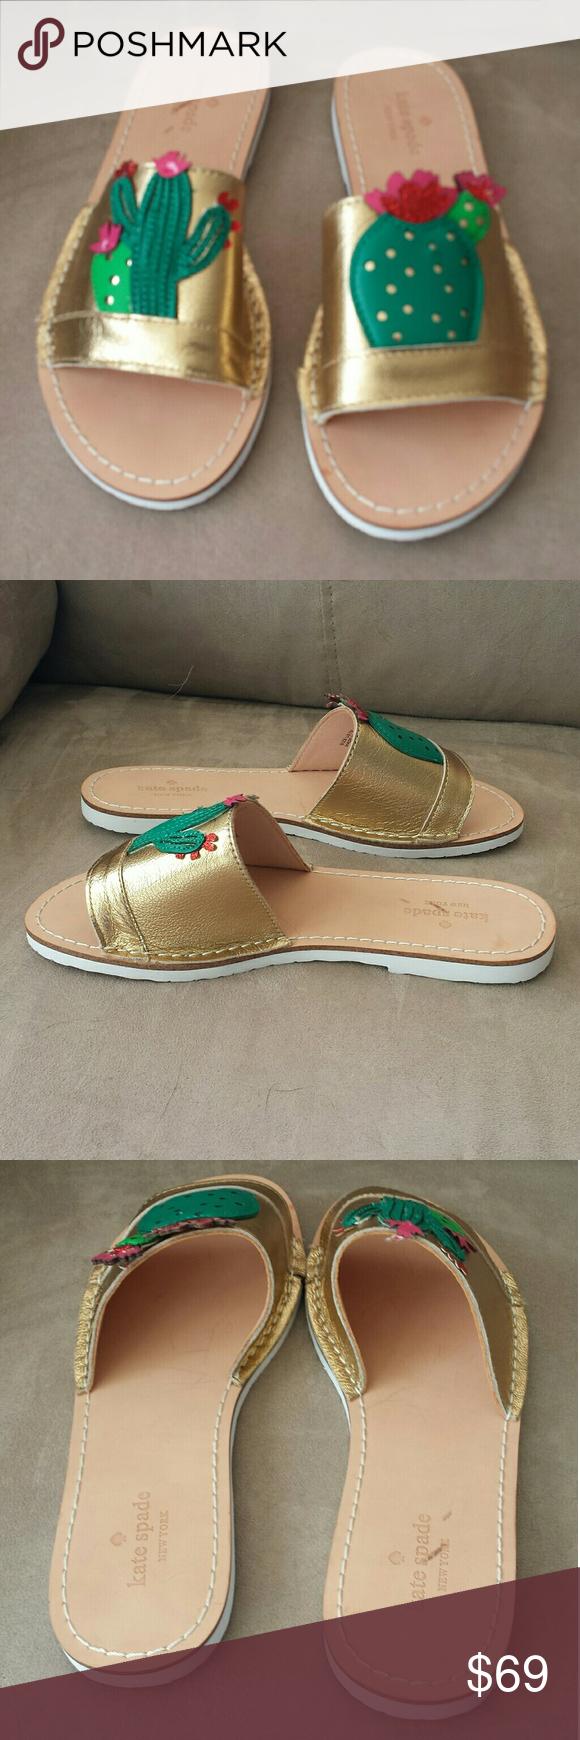 bcb8f10c622c Kate Spade New York Iguana Slide Sandals 7M New Kate Spade New York Iguana  slide